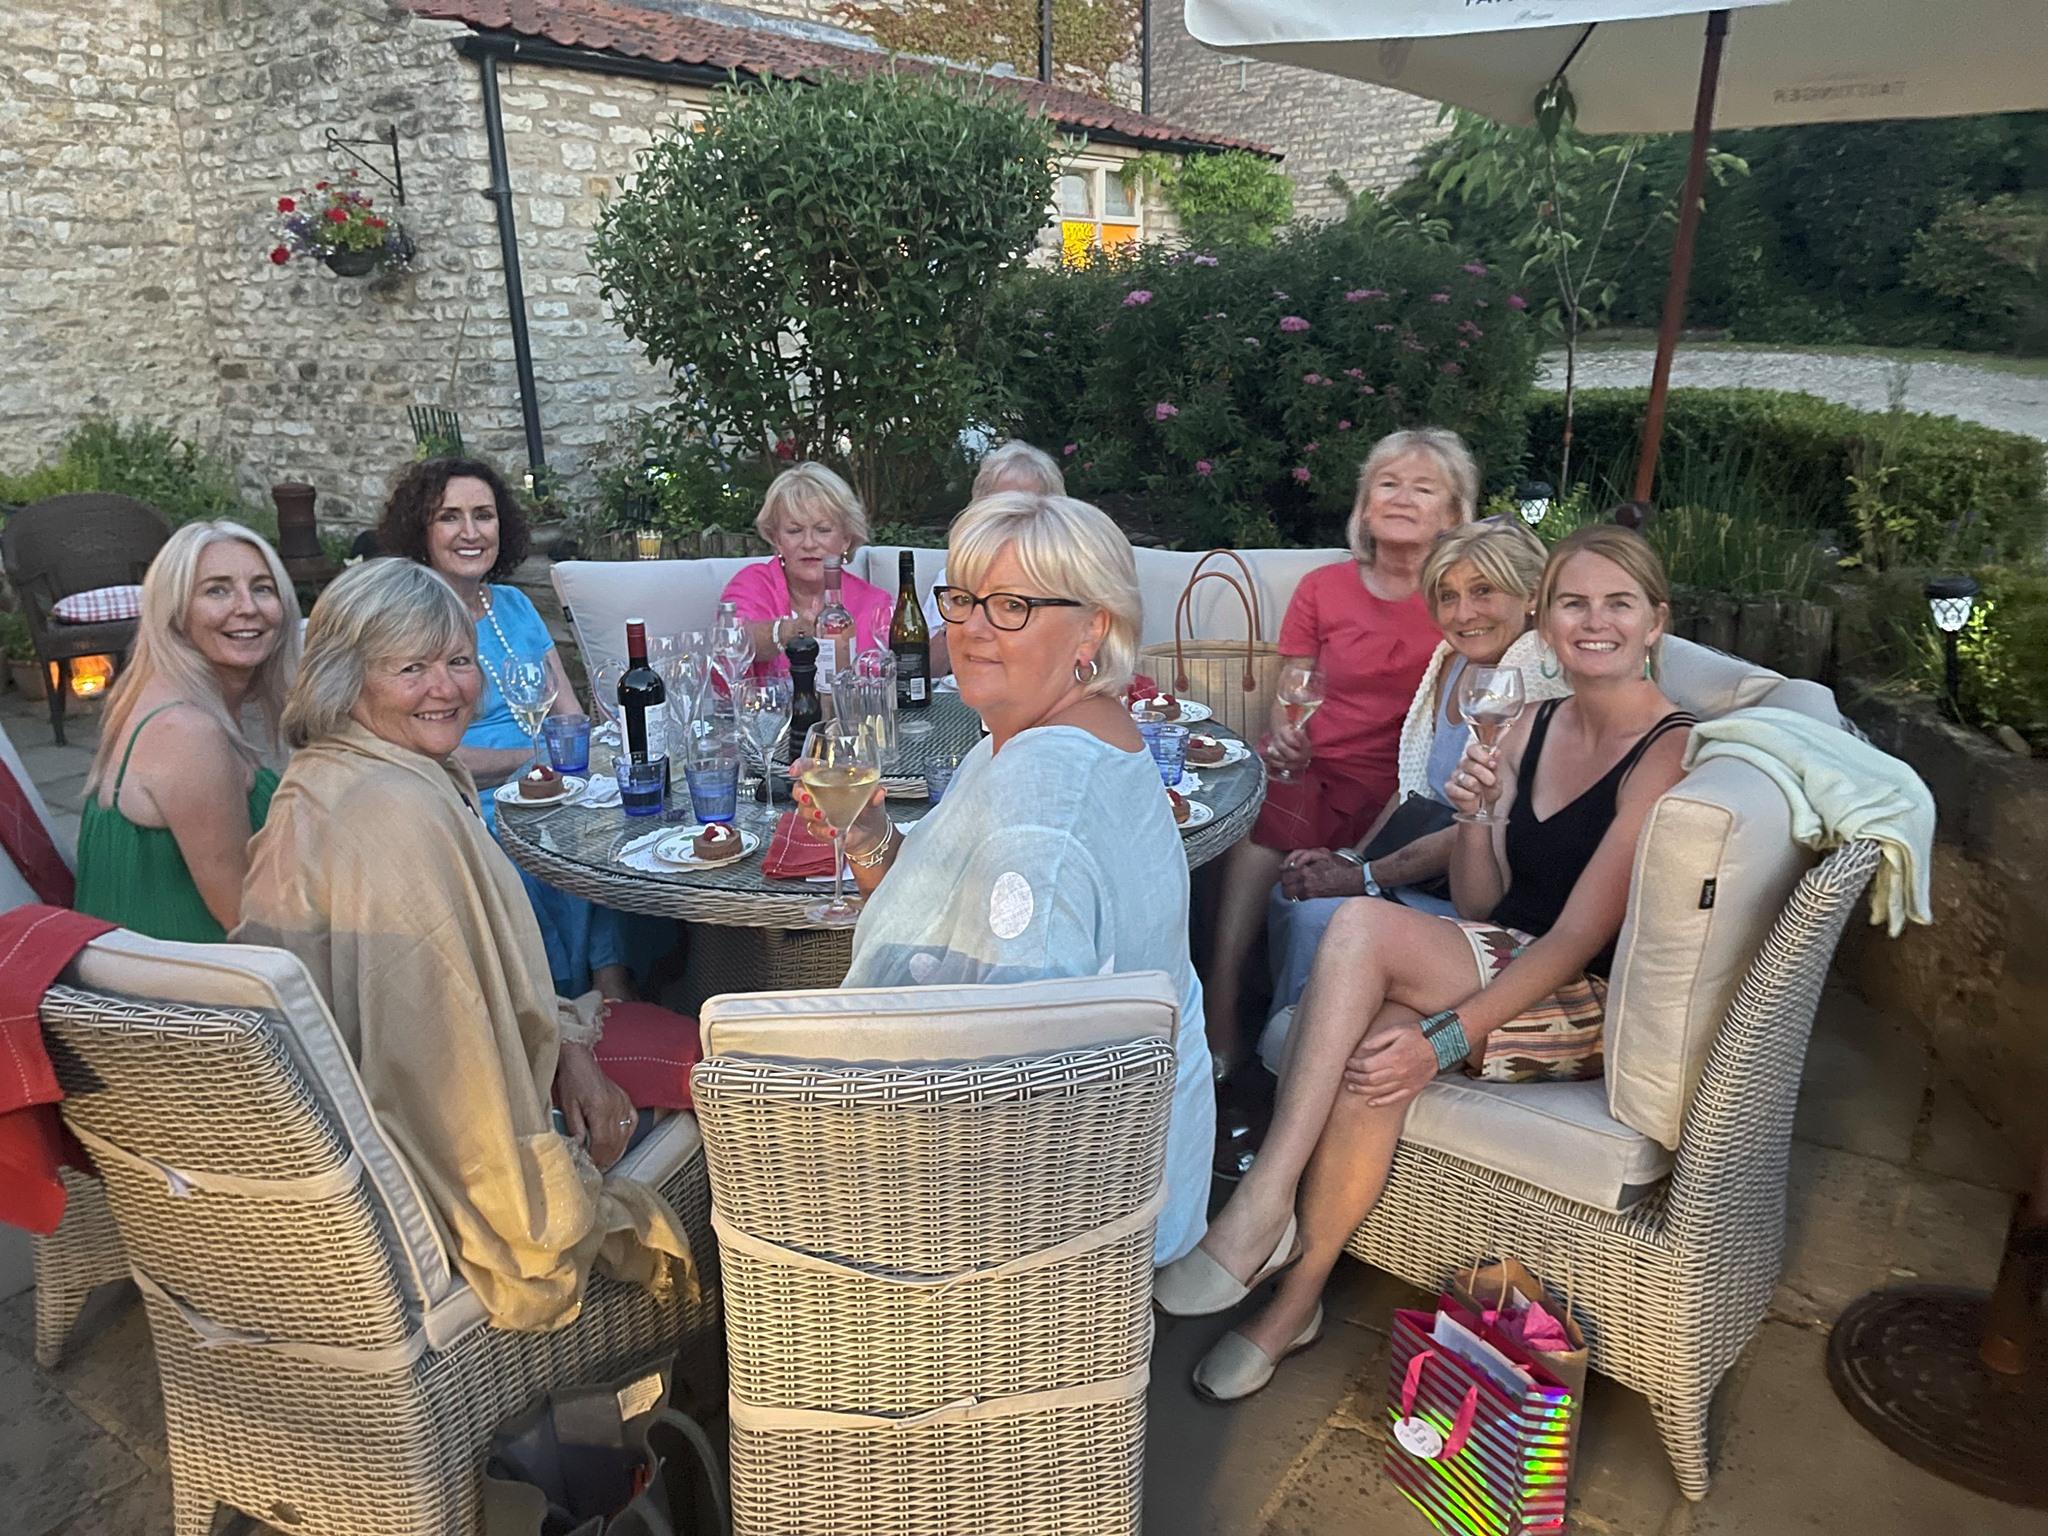 Nonna's supper club